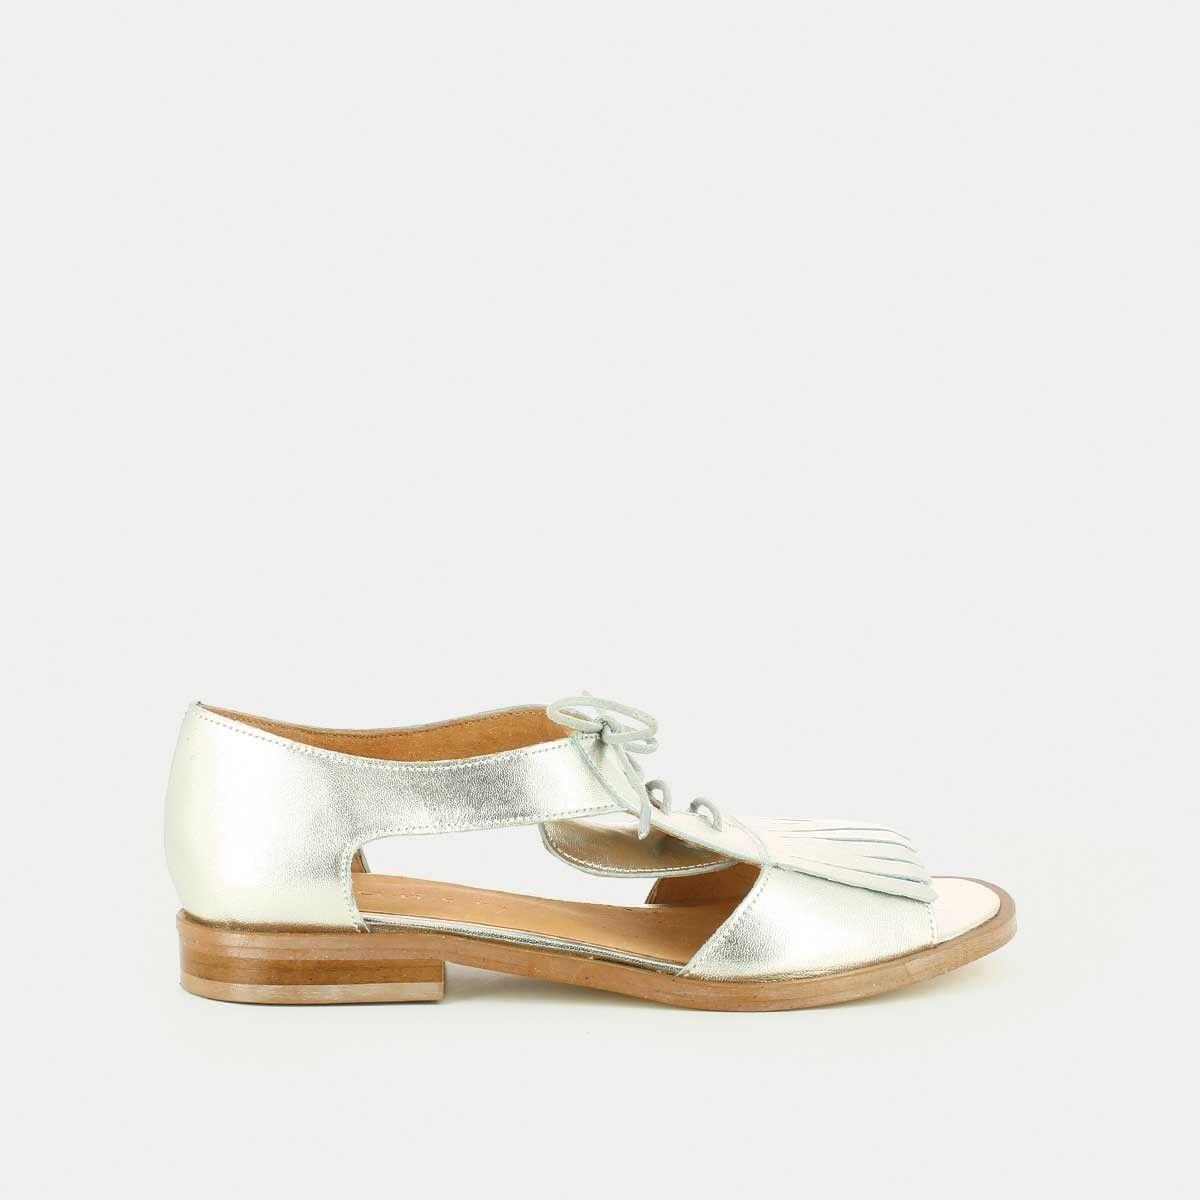 Sandales plates en cuir métalliséJonak OKViOBavCs